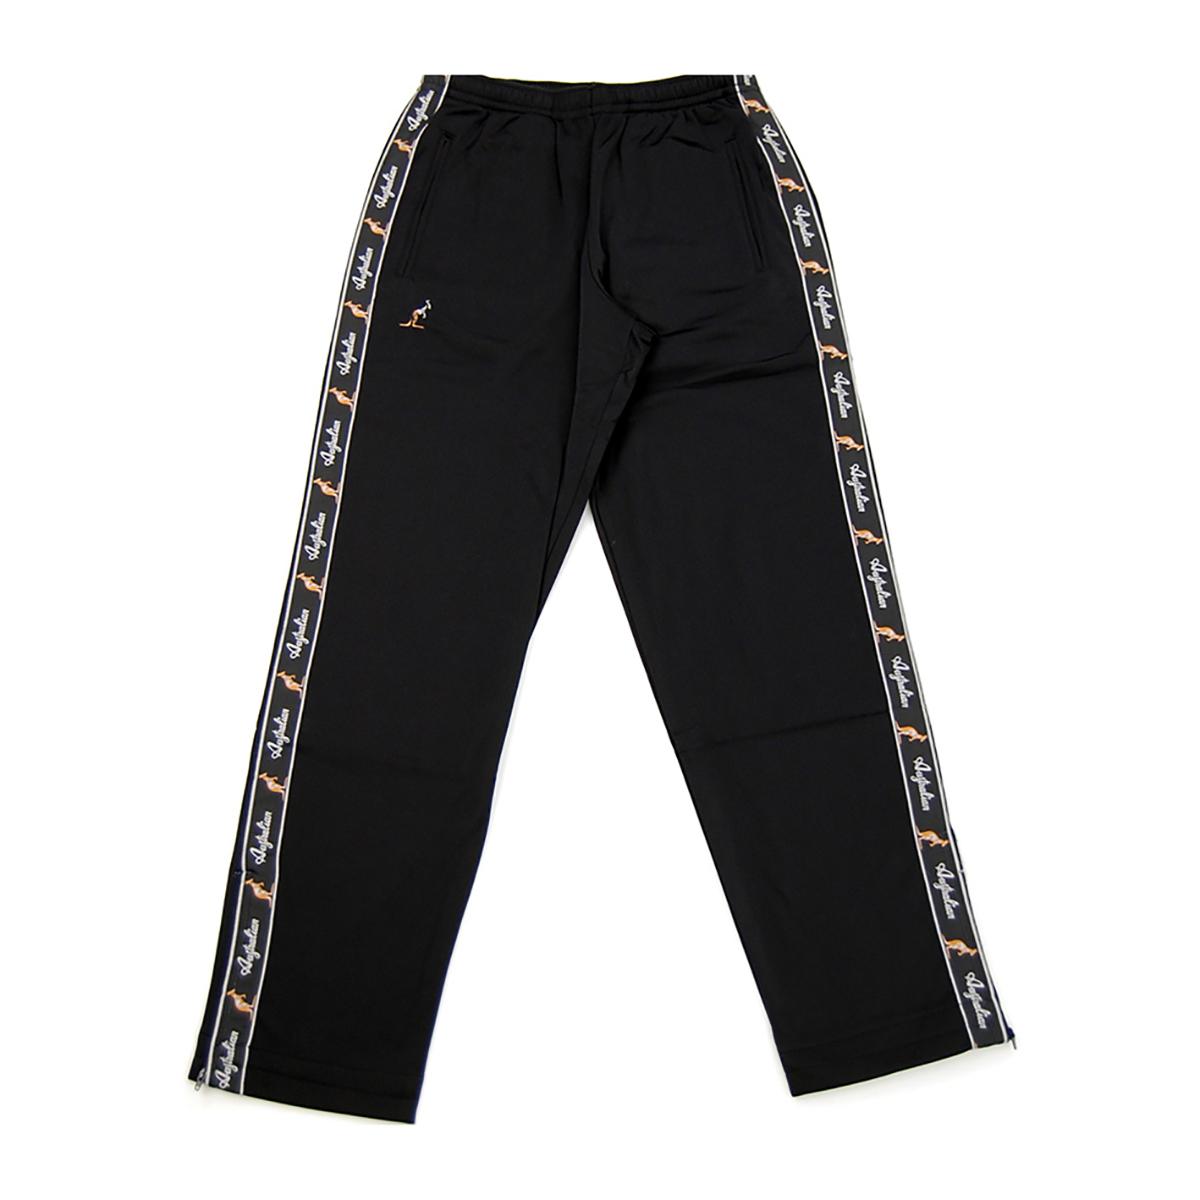 Australian broek met zwarte bies zwart 85057 003